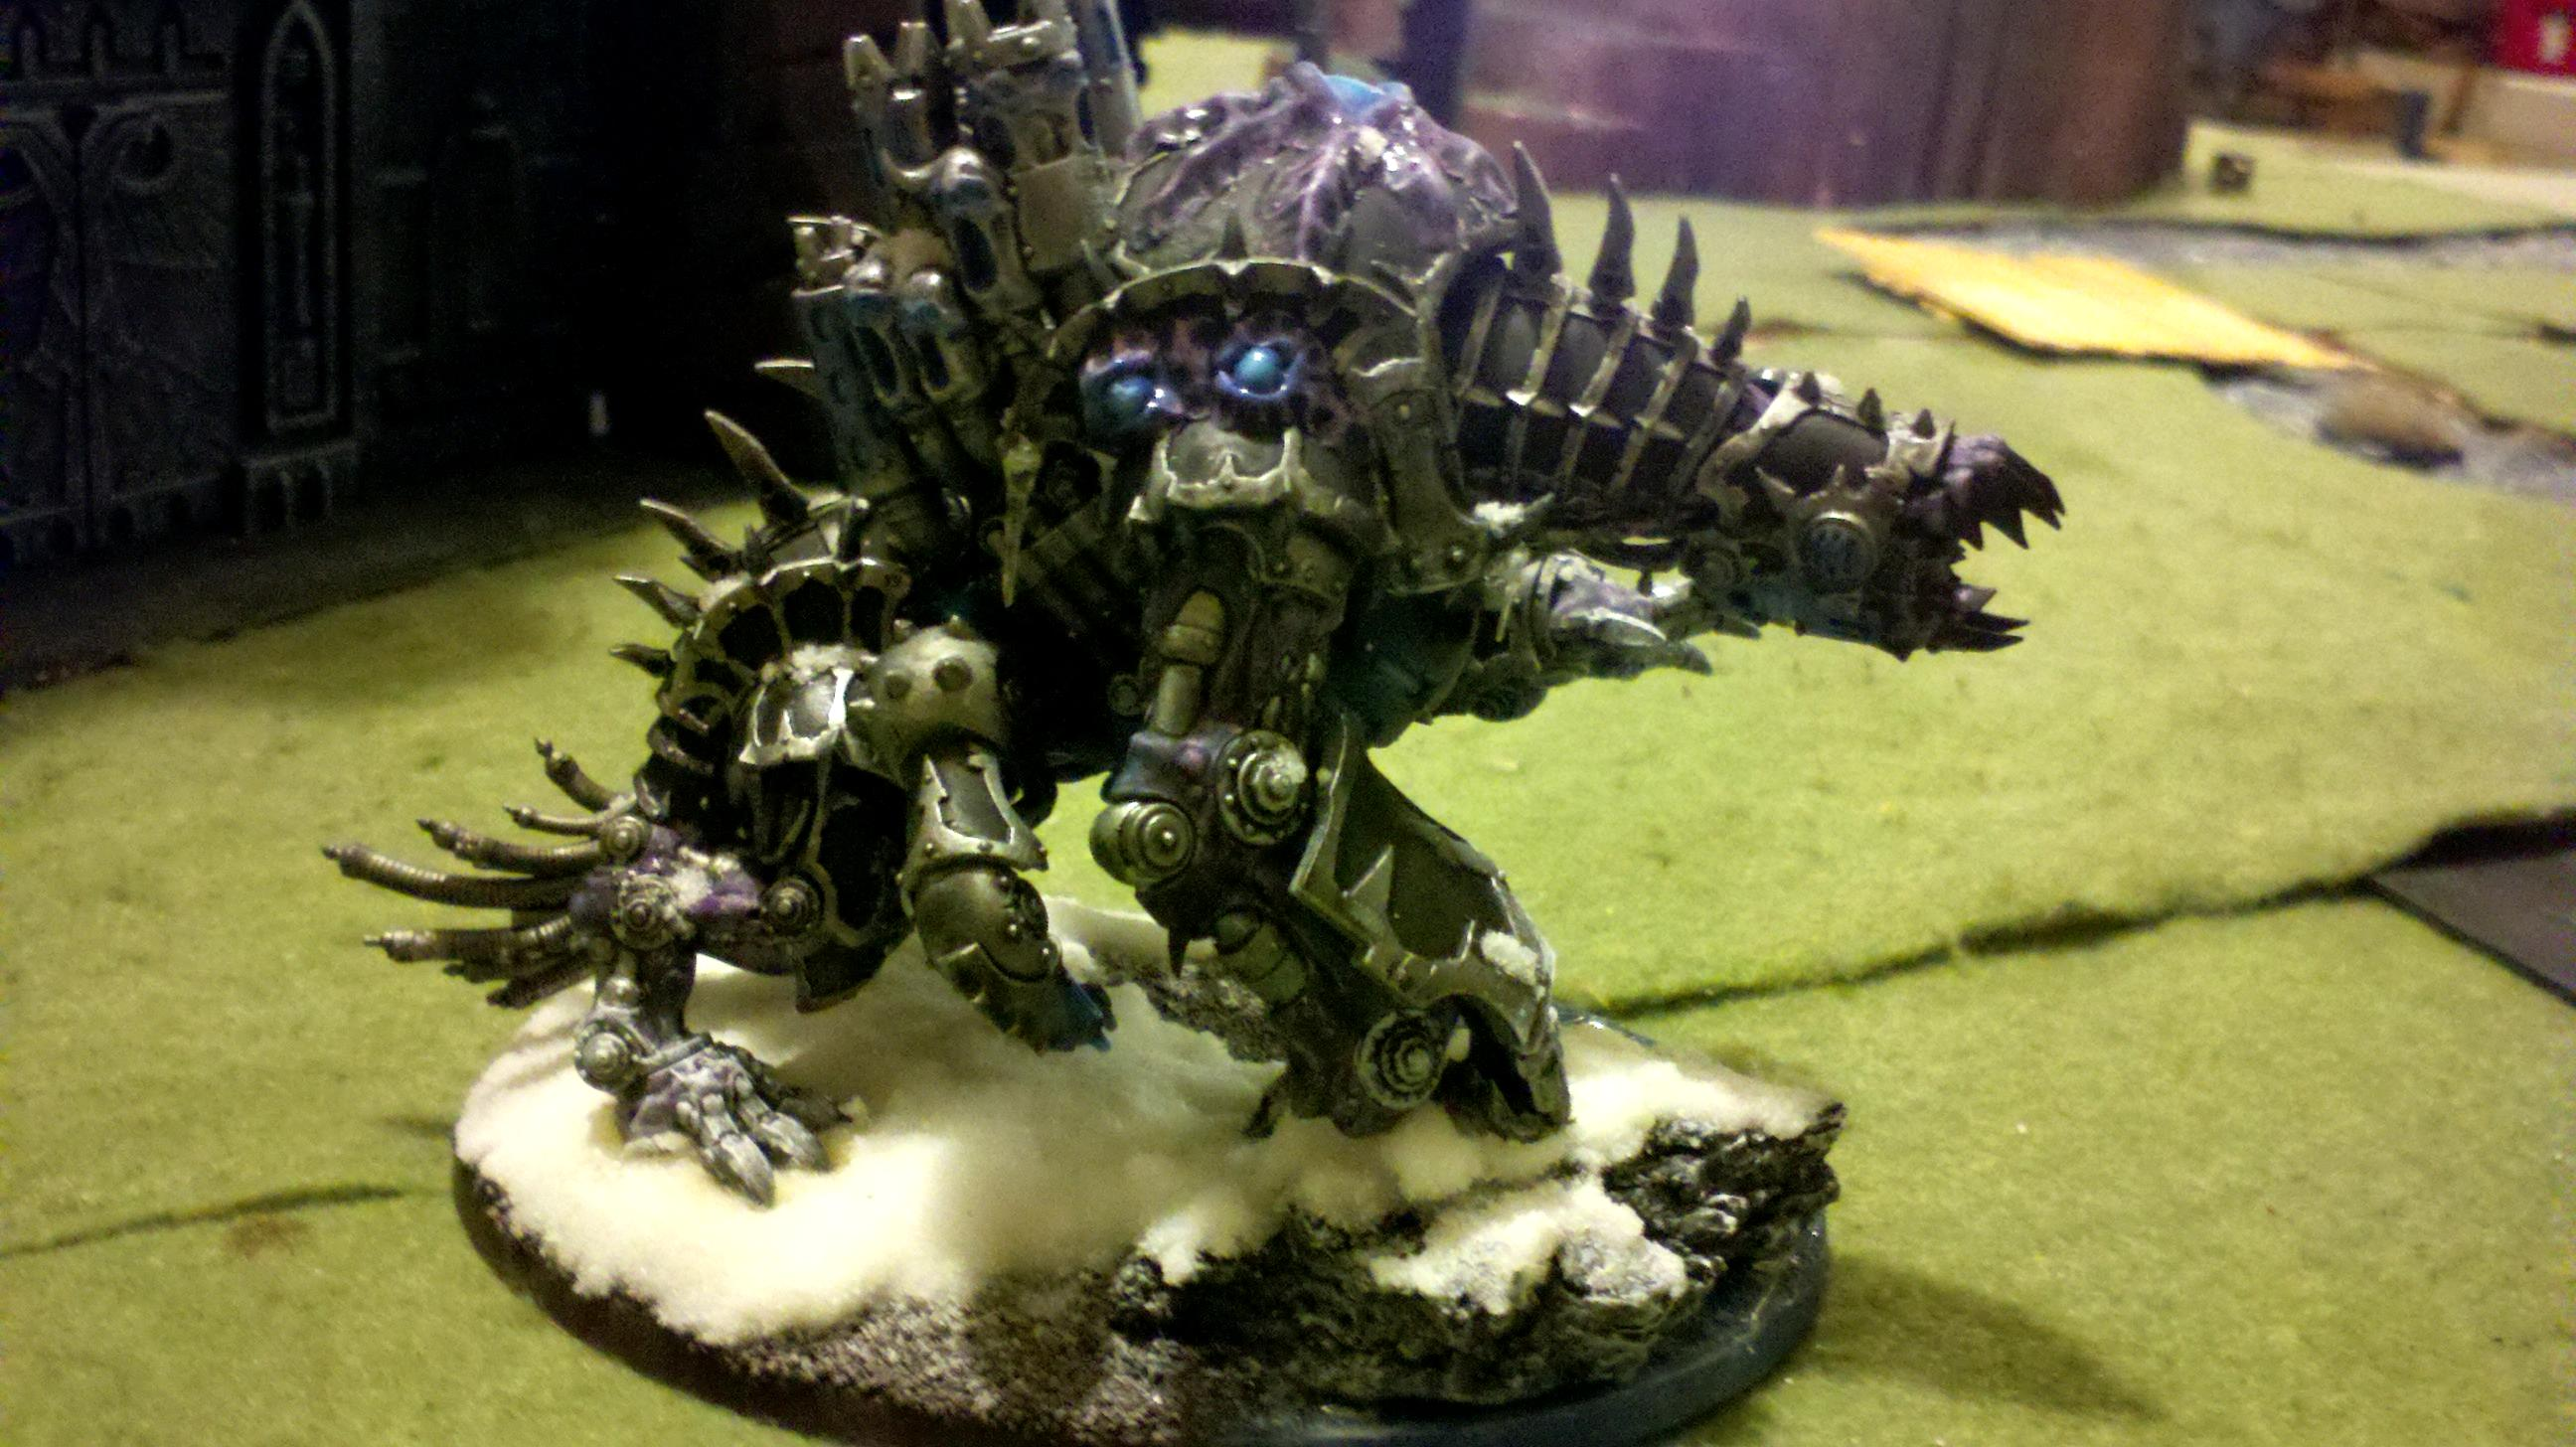 Chaos, Demon Engine, Maulerfiend, Warhammer 40,000